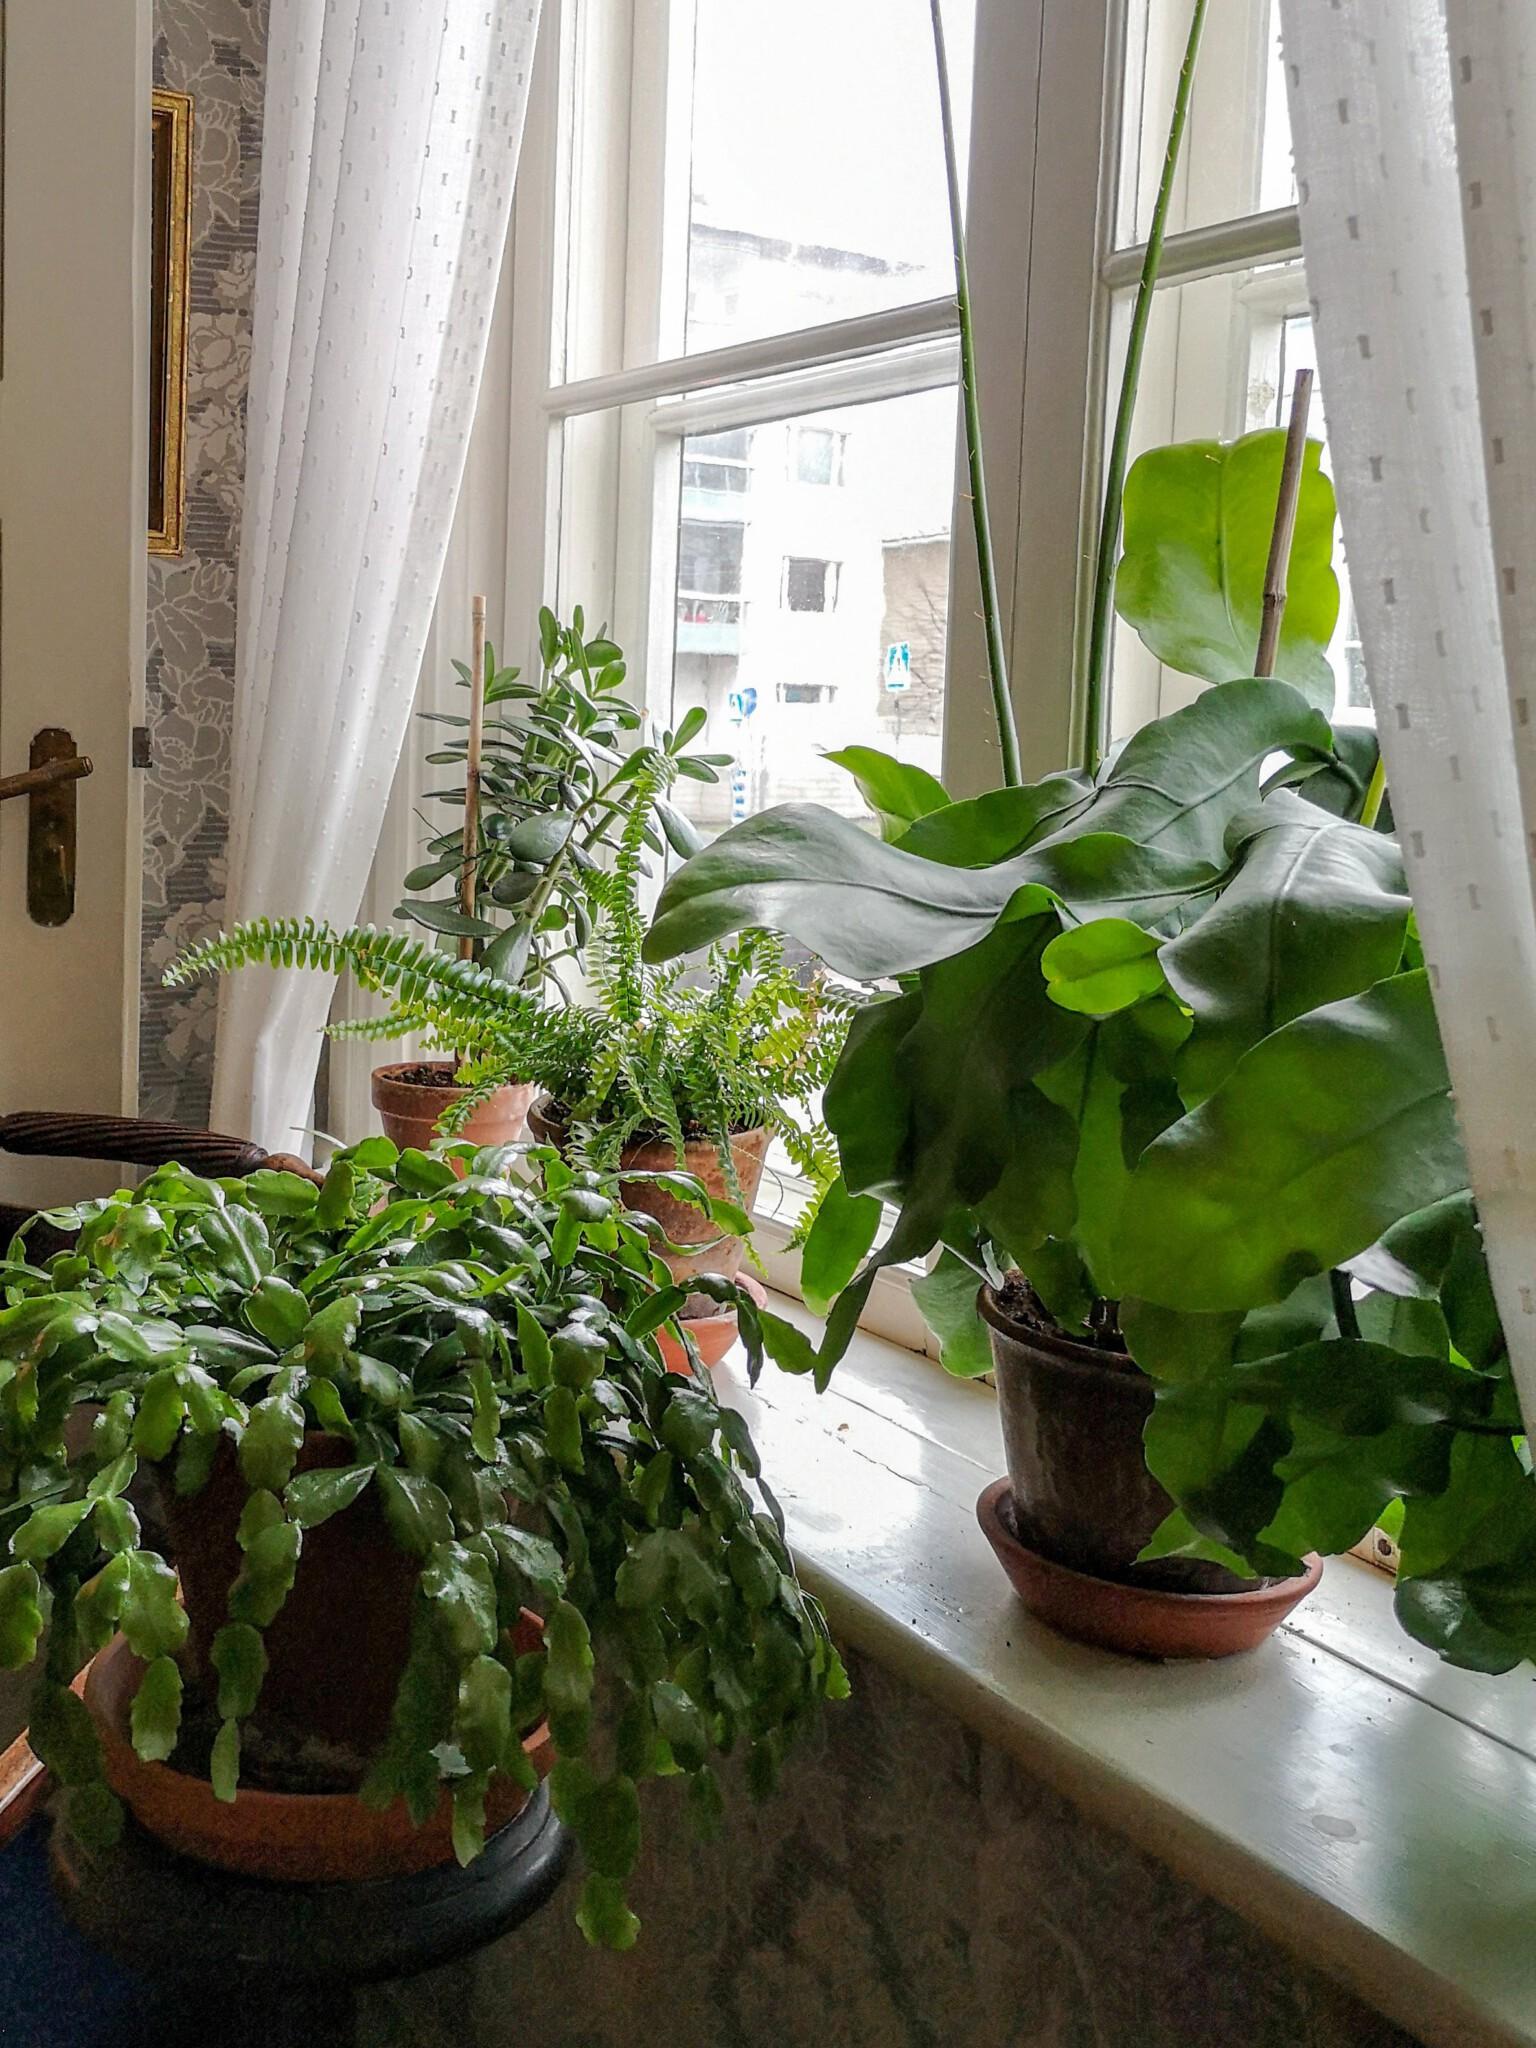 Viherkasvit viihtyvät Runebergin kotimuseon ikkunalaudoilla